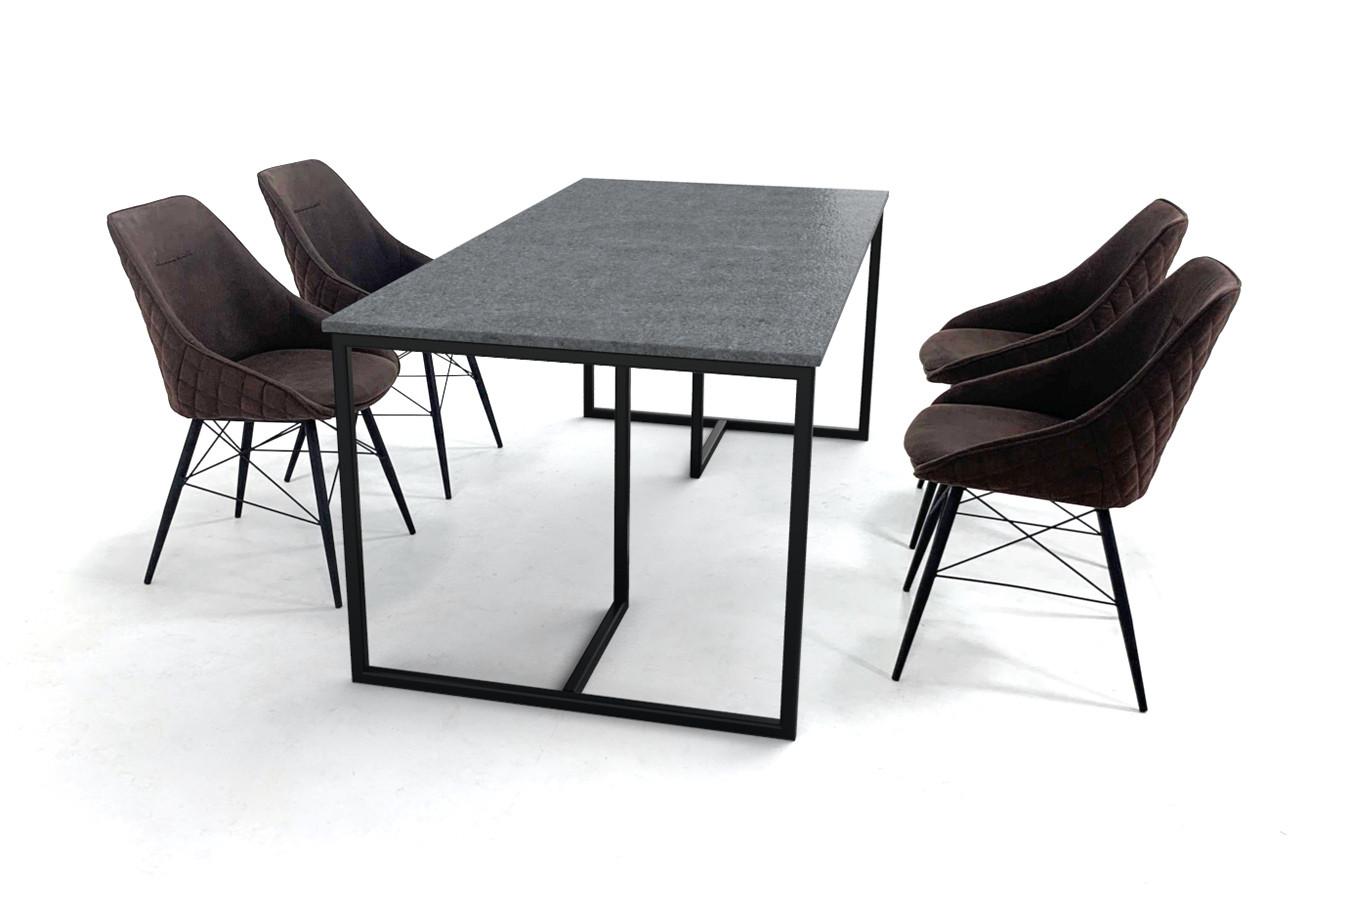 Granieten Tuintafel Met Stoelen.Deens Design Eettafel Set Met Granieten Tafelblad En Elegante Stoelen